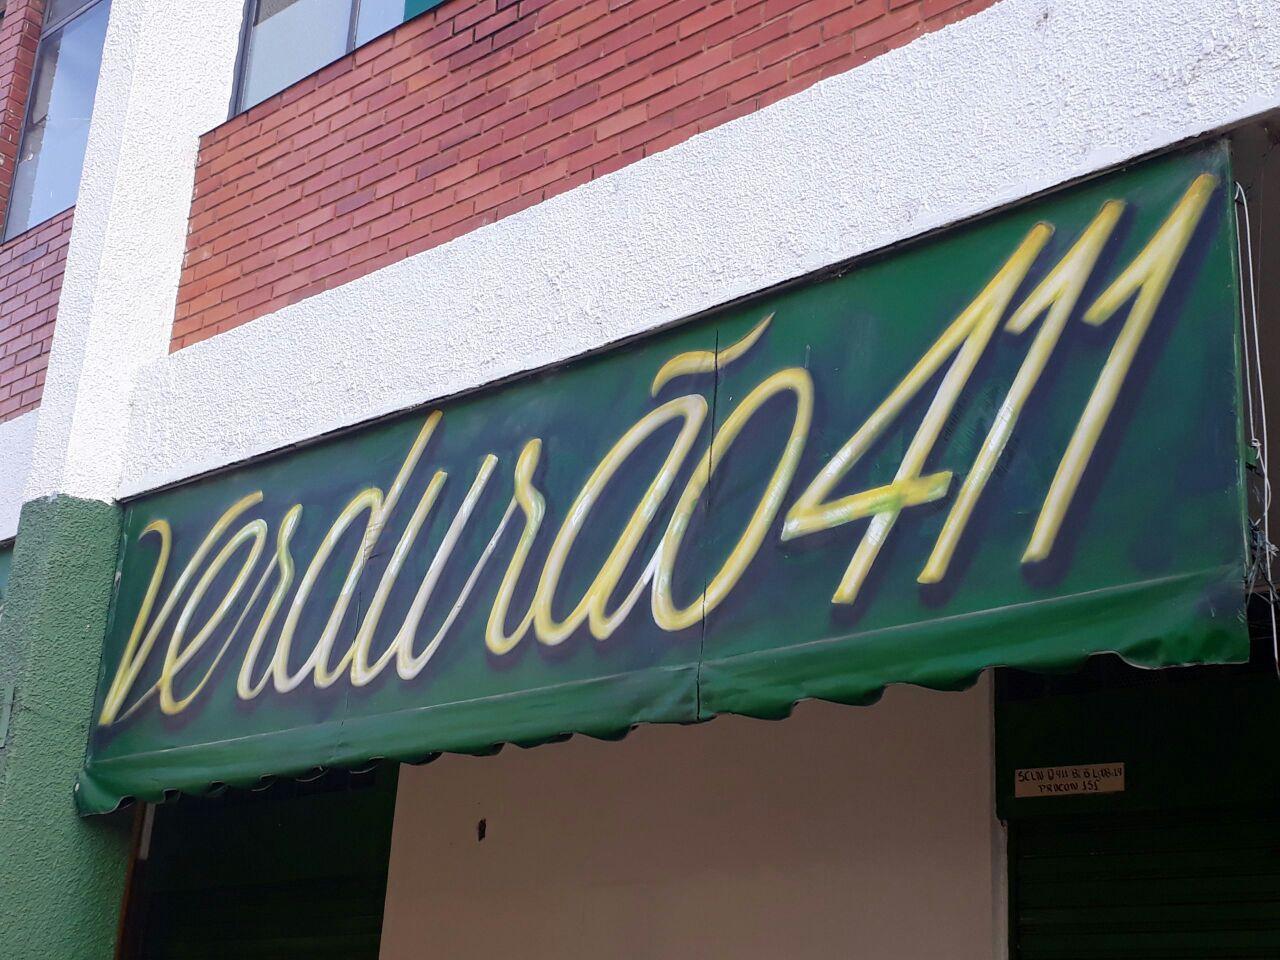 Verdurão 411, Bloco C, da 411 Norte, Asa Norte, Brasília